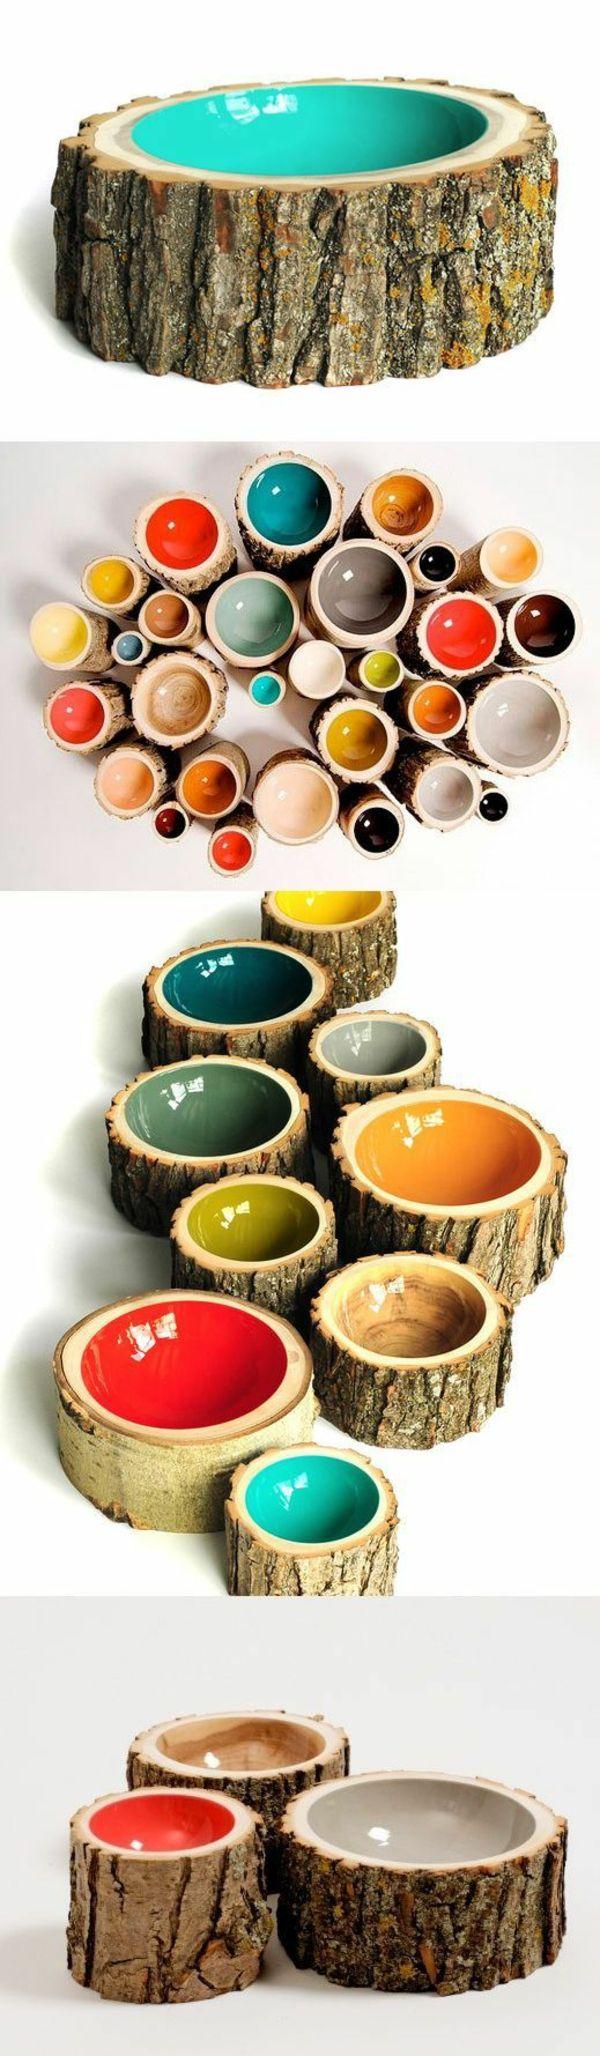 Ber ideen zu baumstamm deko auf pinterest for Baumstamm deko wohnung